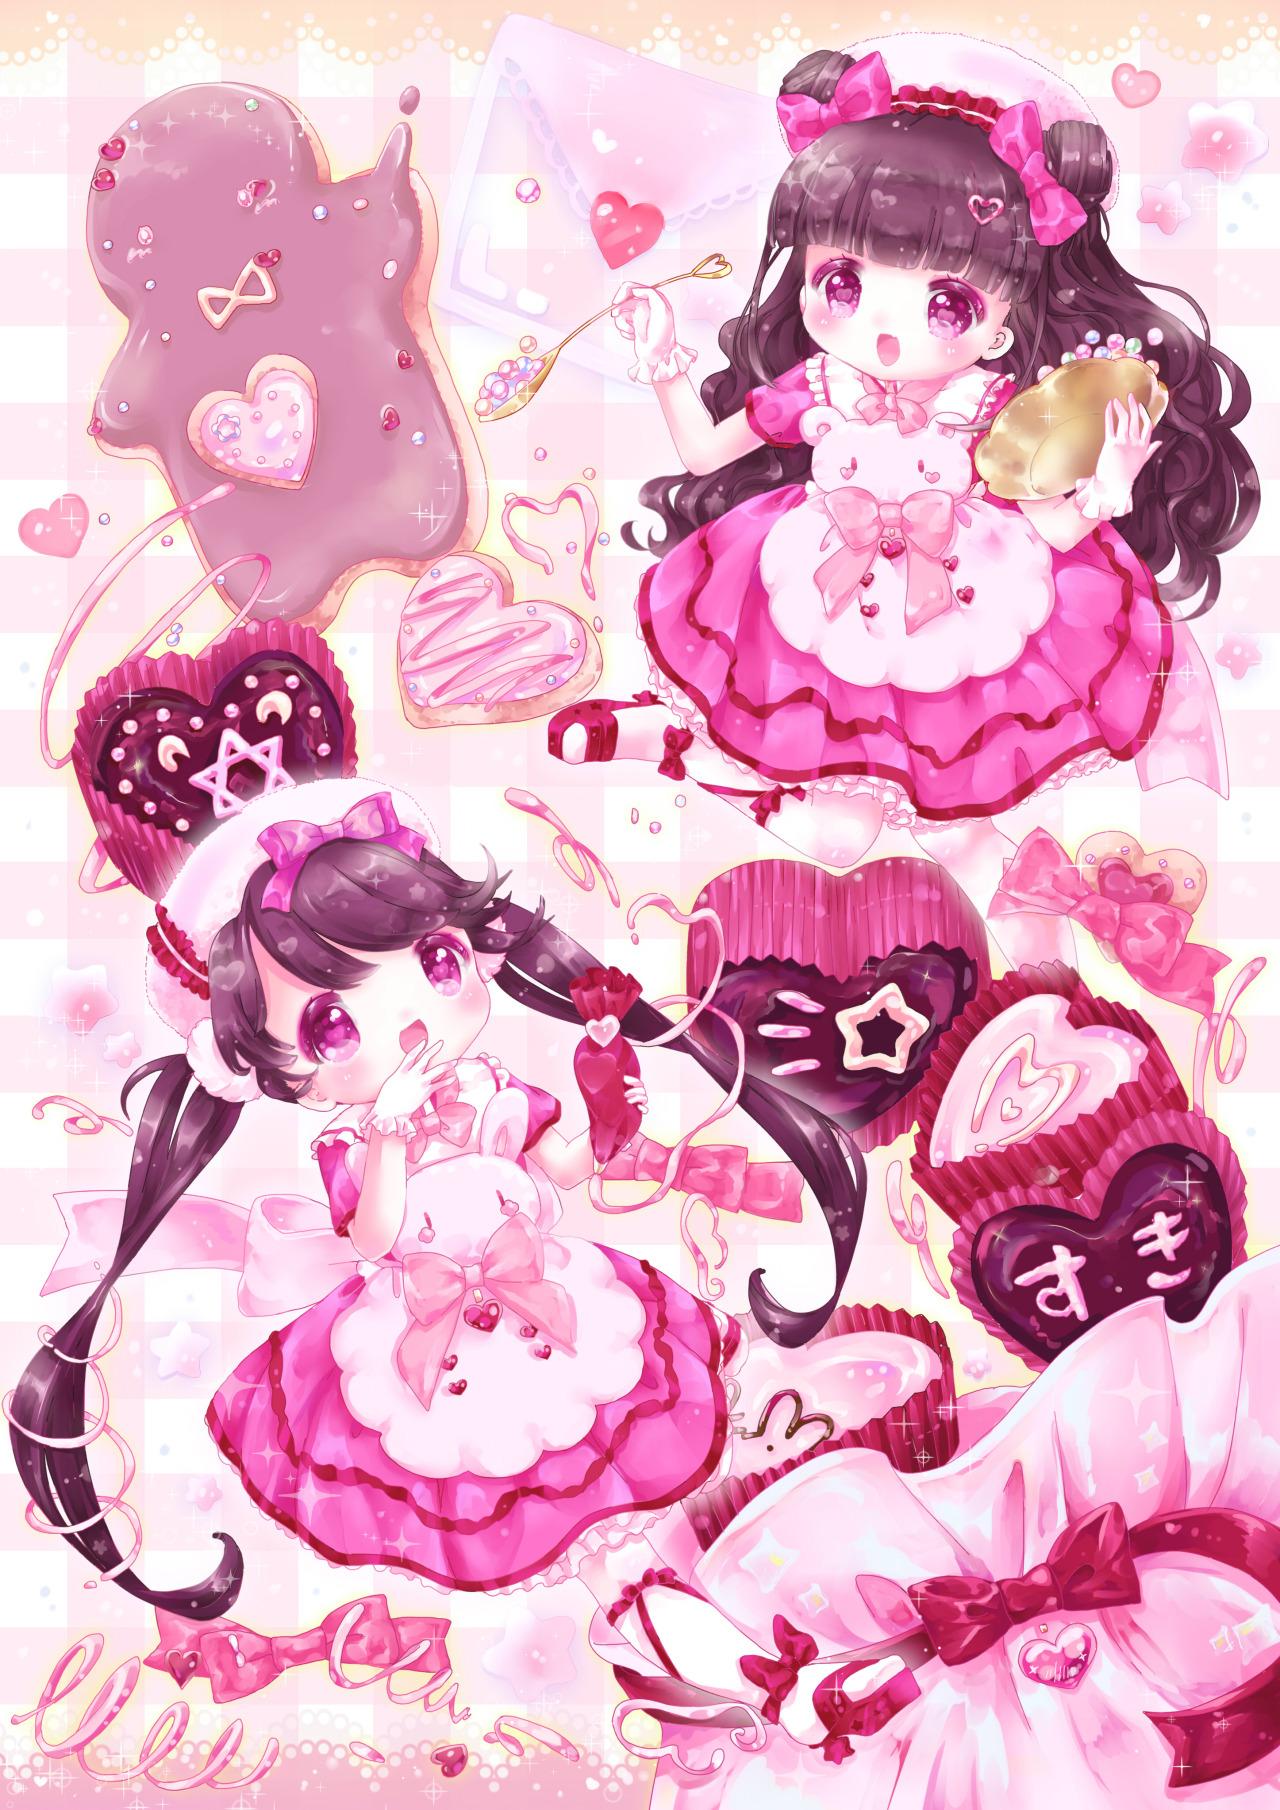 出典元:http://bat-umina-krm.tumblr.com/